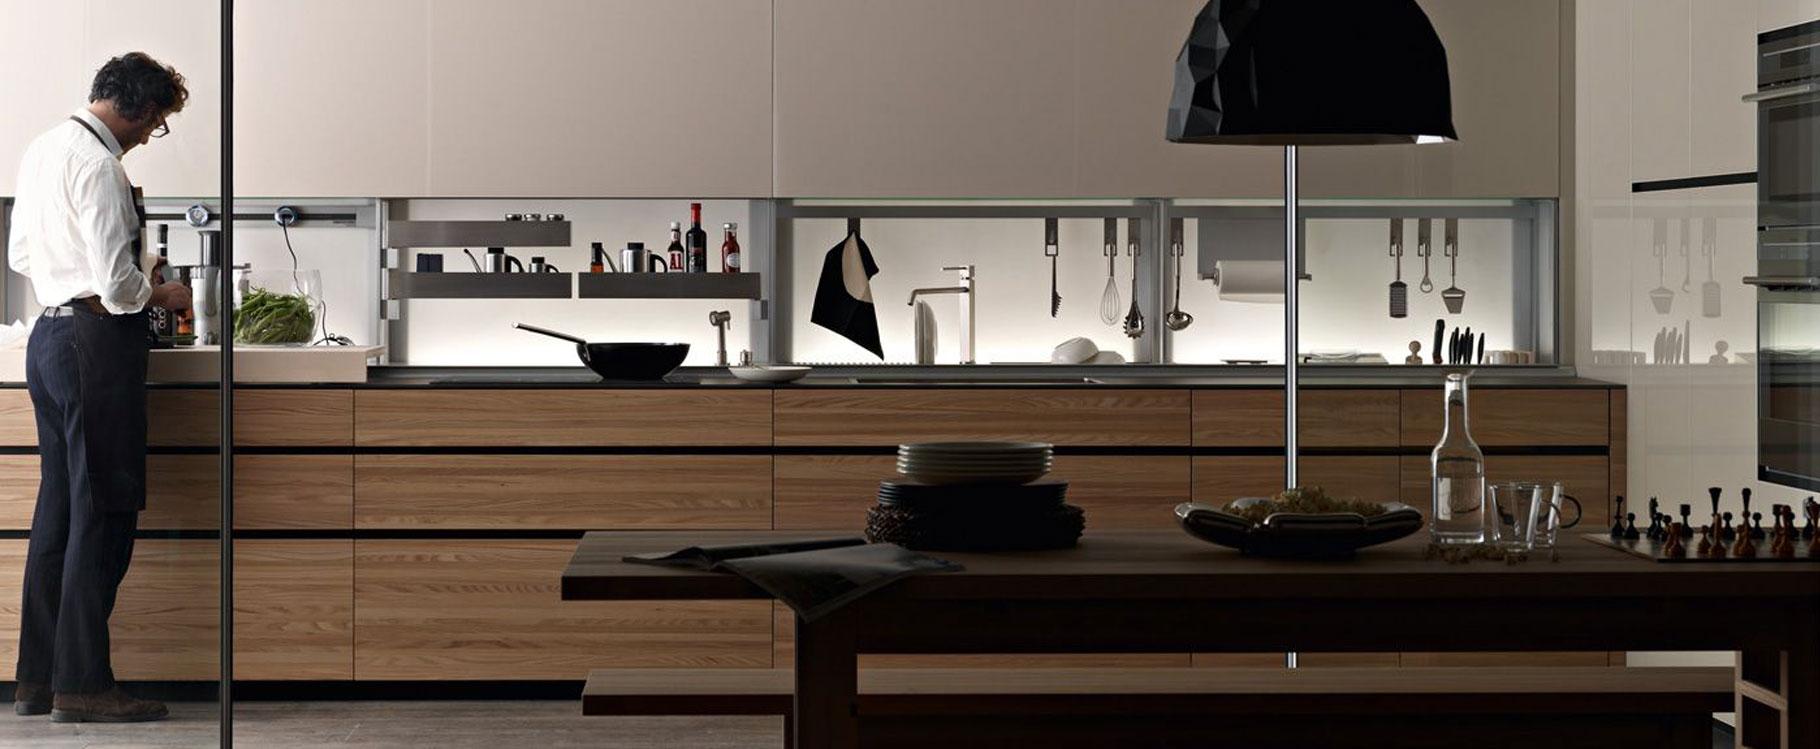 Milano cucine rivenditori cucine milano valcucine milano for Outlet cucine milano